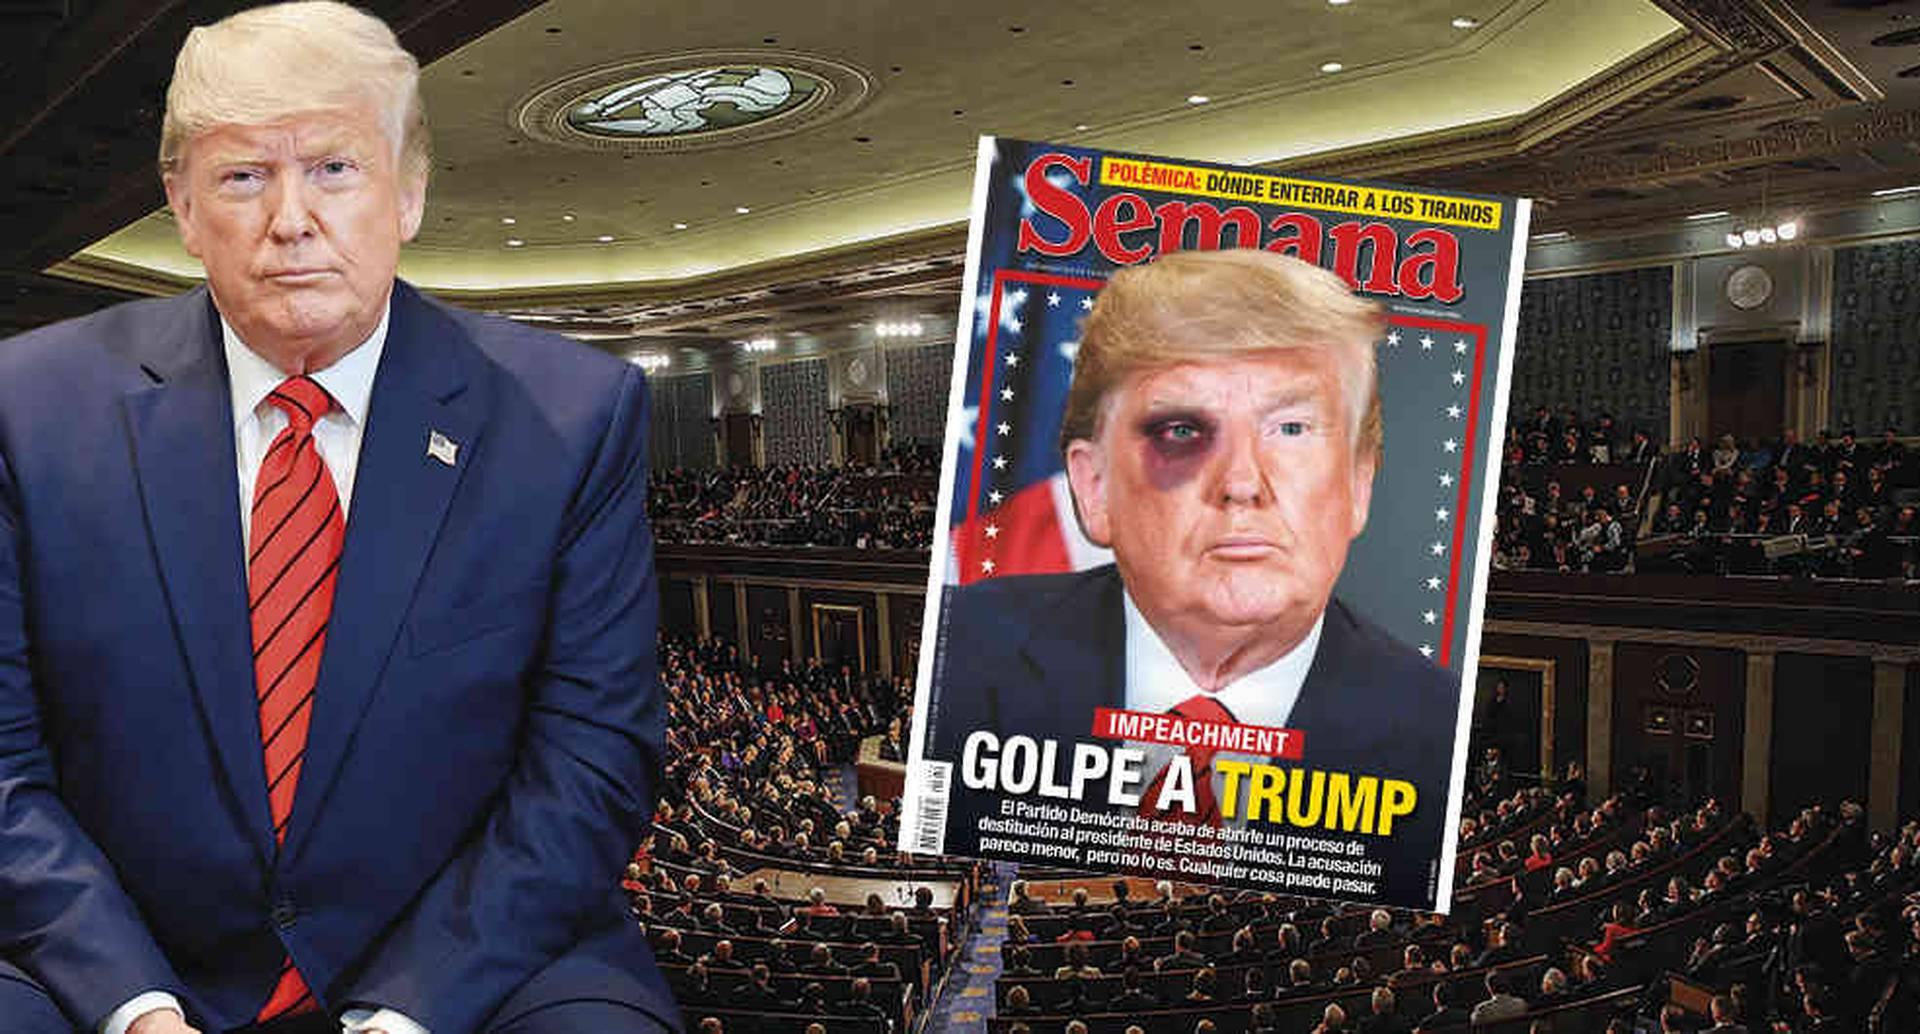 La llamada de Trump a Zelensky rebosó la copa, pues el 'Russiagate' y el escándalo con las conejitas Playboy serían razones mucho más fuertes para destituirlo.